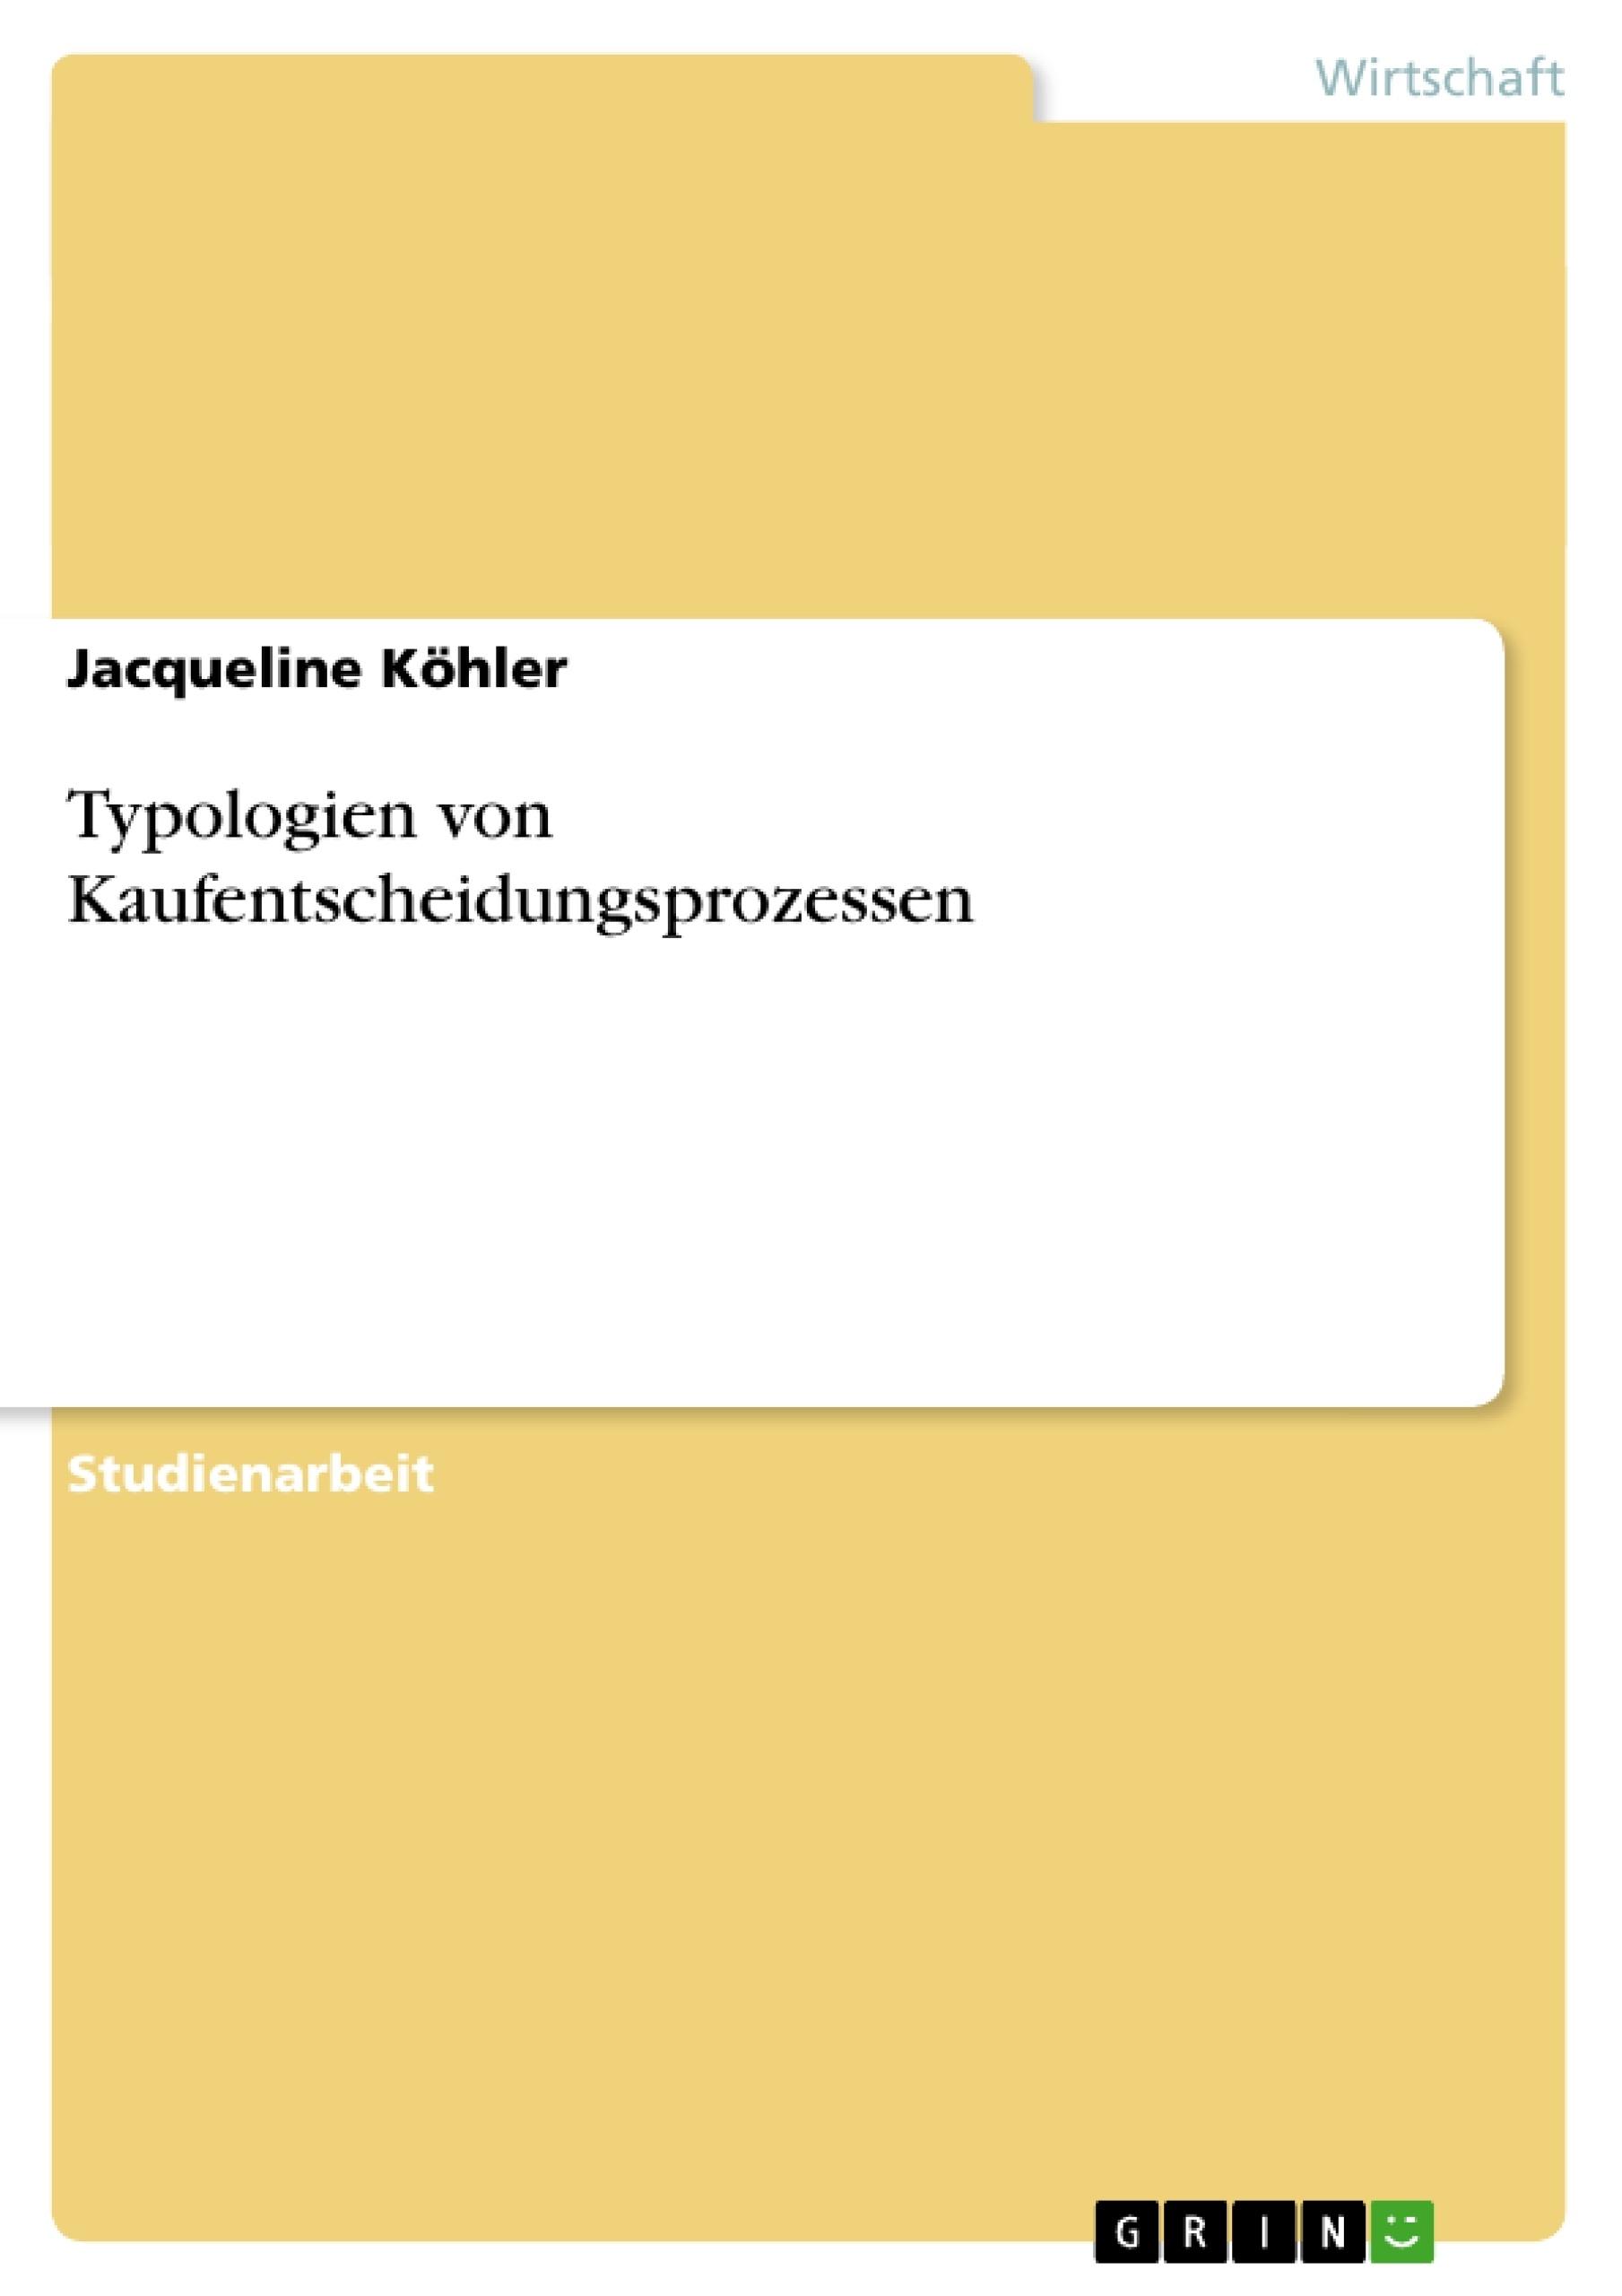 Titel: Typologien von Kaufentscheidungsprozessen